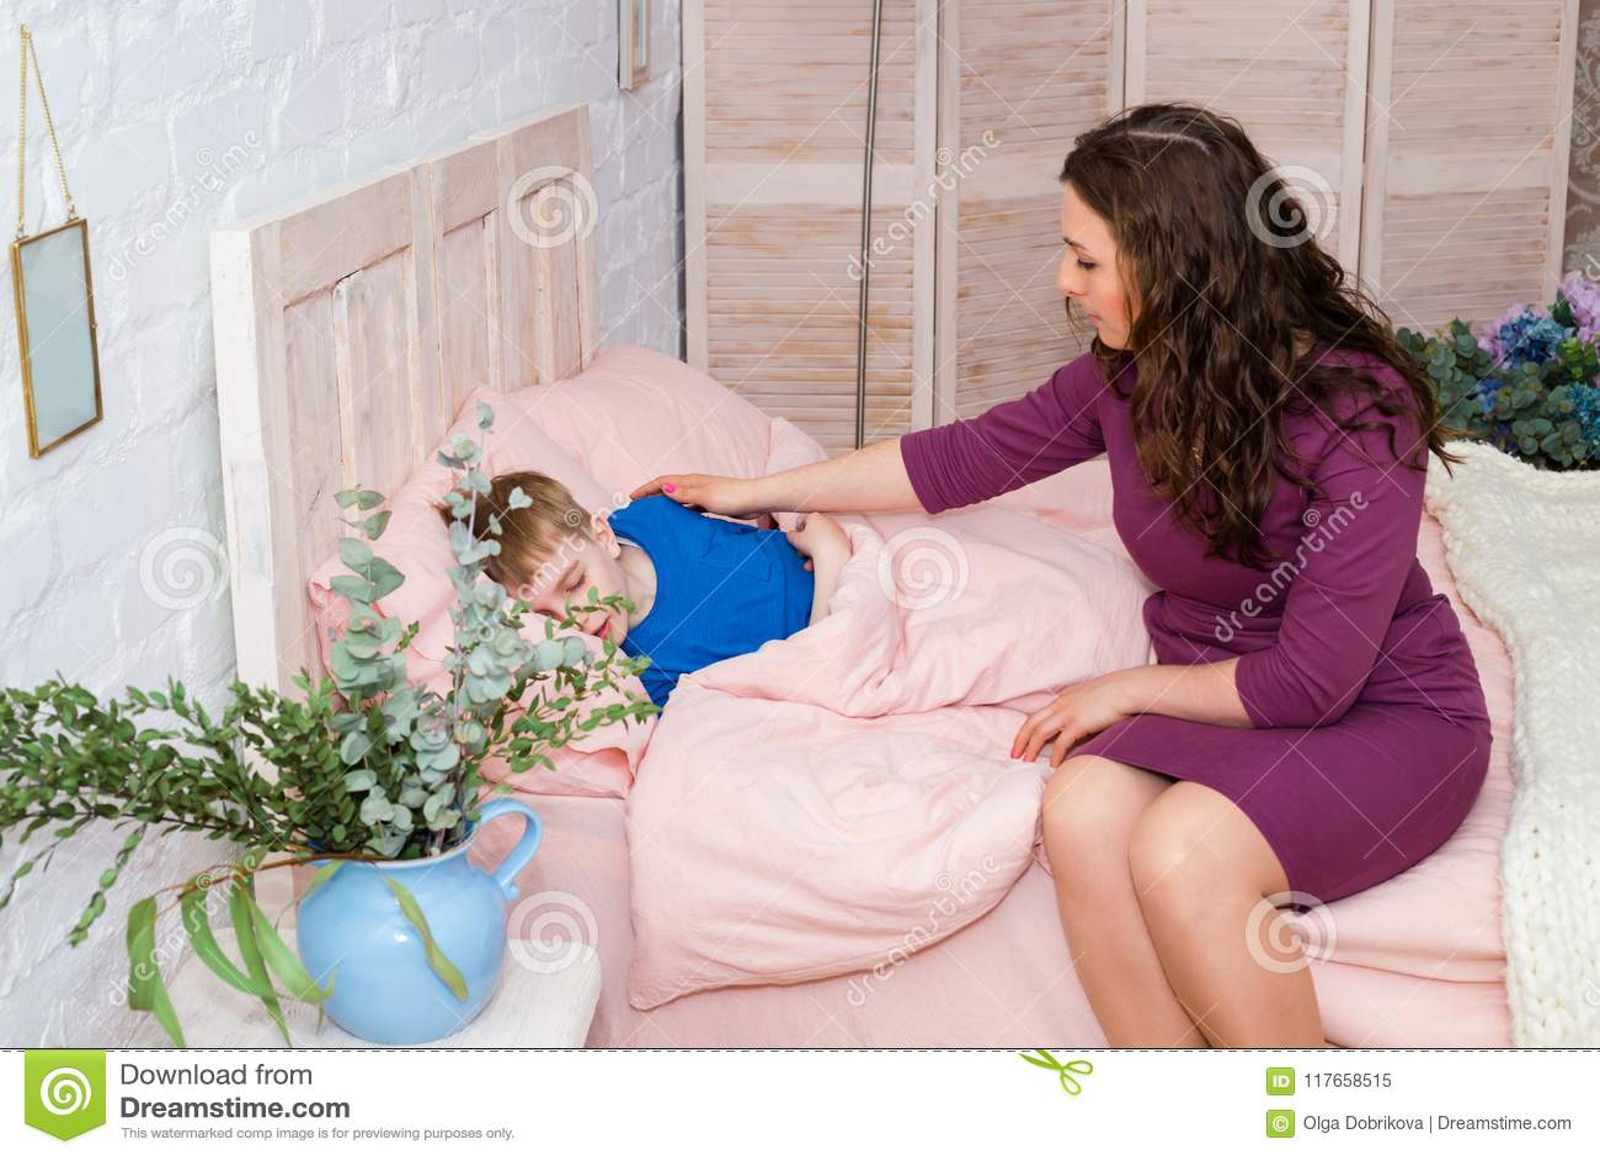 Мама пустила сына в кровать переночевать вместе